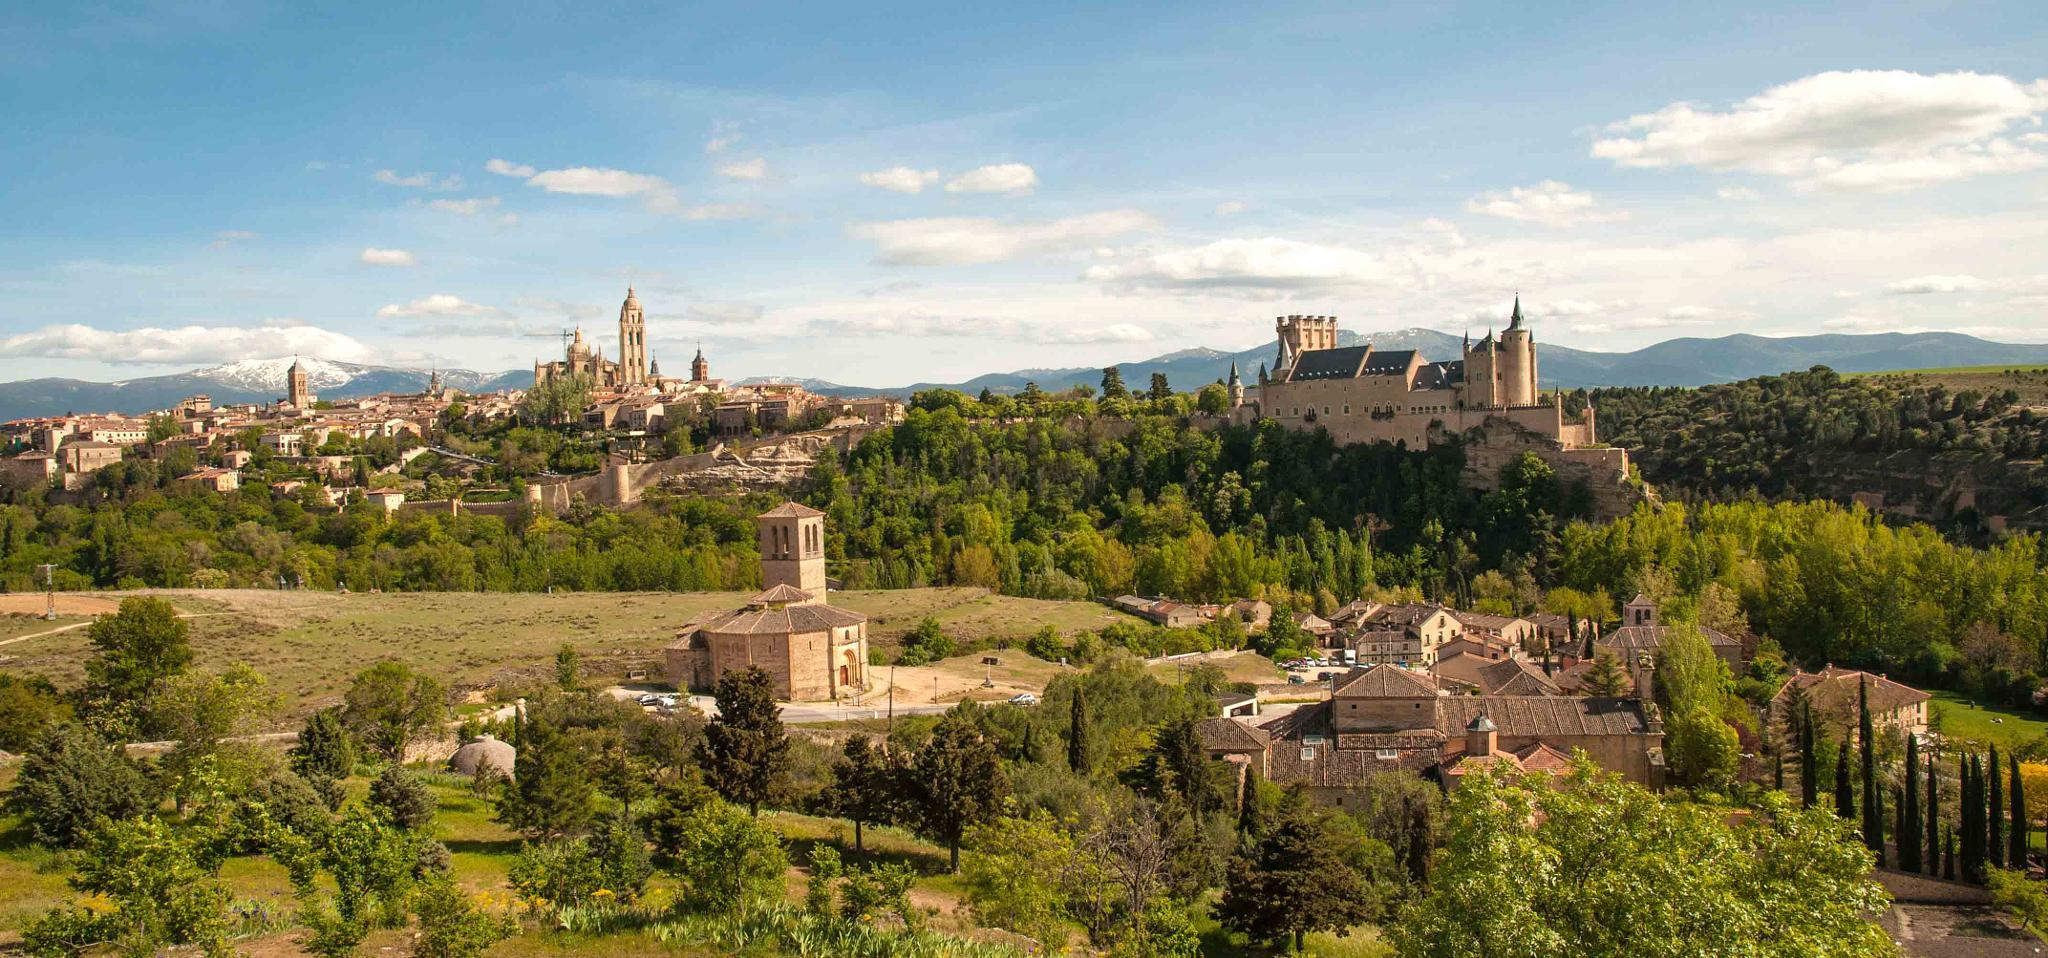 Segovia by Arturo Fernández